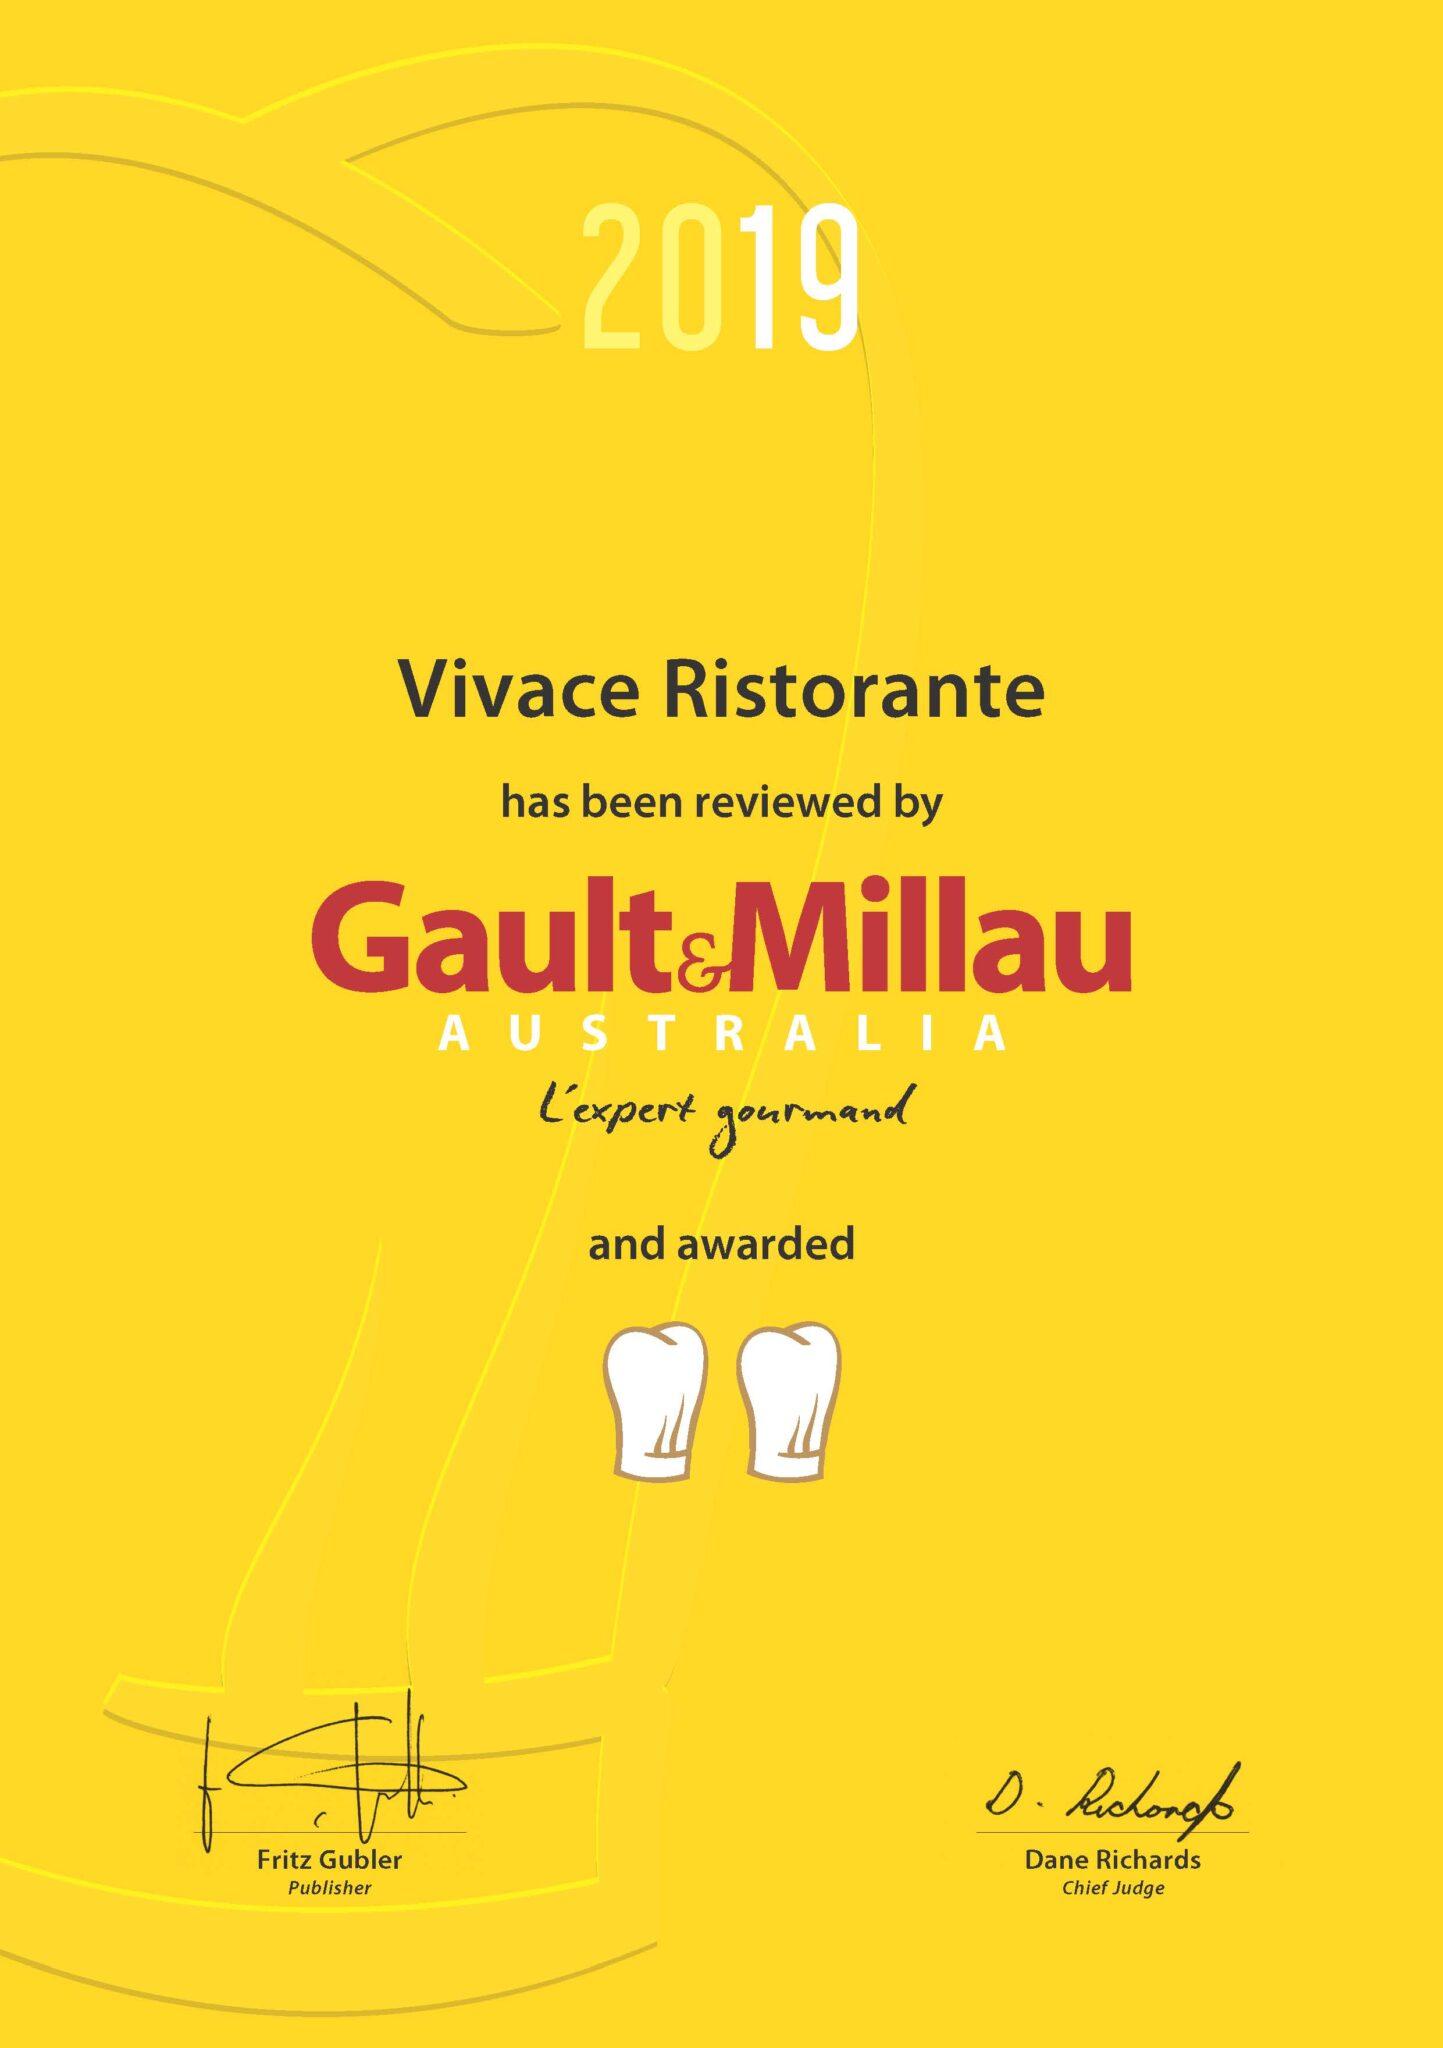 gm_2019_certificate_vivace-ristorante